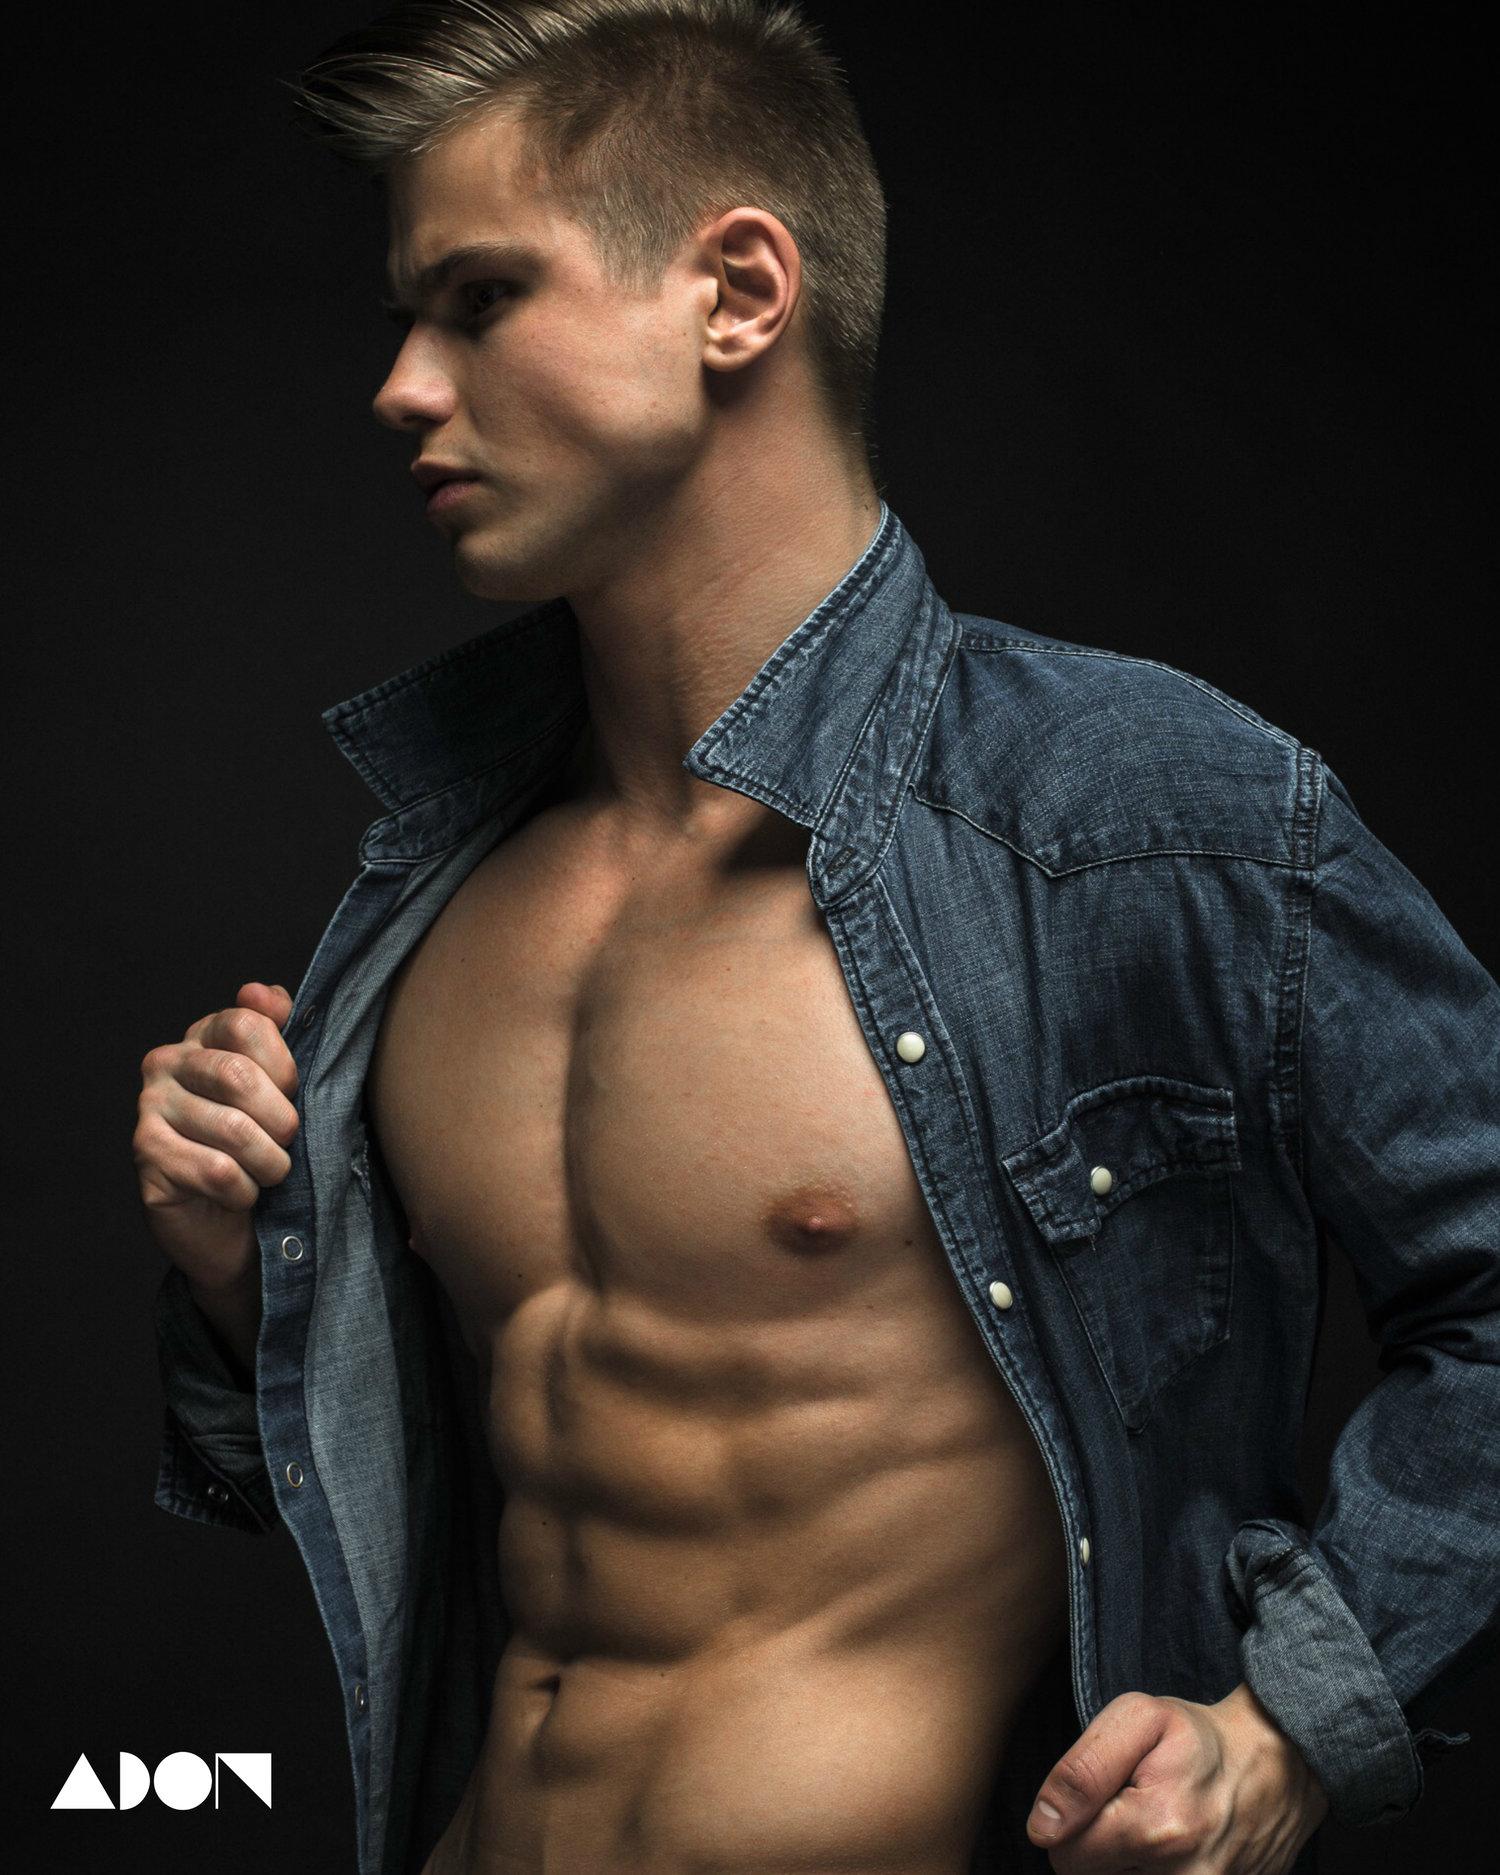 Adon Exclusive: Model Valeriy Kuzmenko By Post Ivan